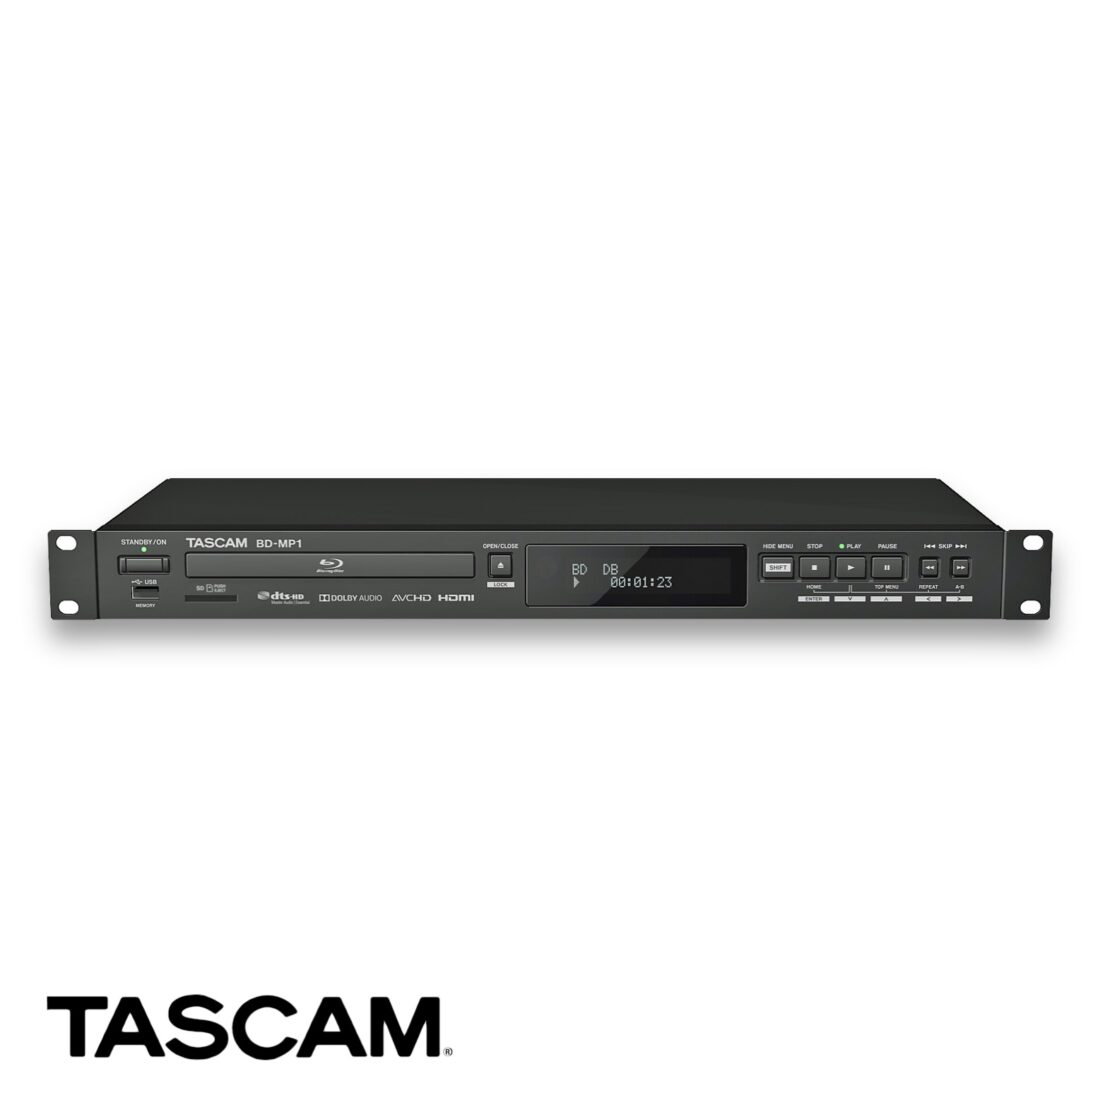 Tascam BD-MP1